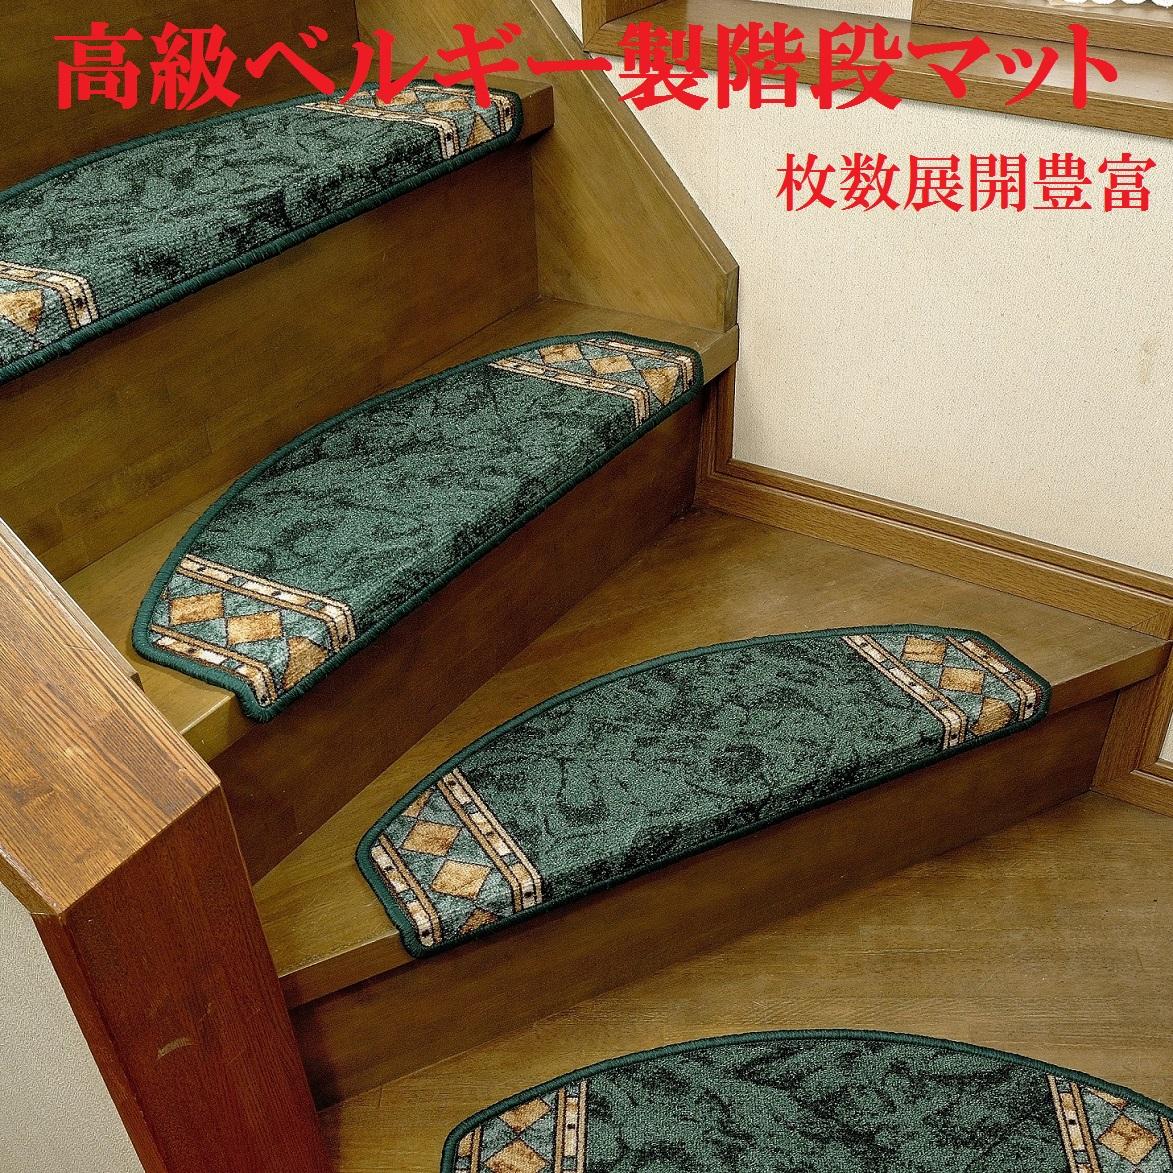 安心ロングセラーのベルギー製階段マットです 日本の高級通販でお洒落な階段マットとして人気となっています 高級階段マット 滑り止め 蔵 タイムセール ベルギー製ヨーロピアンデザイン レッドorグリーン 15枚組